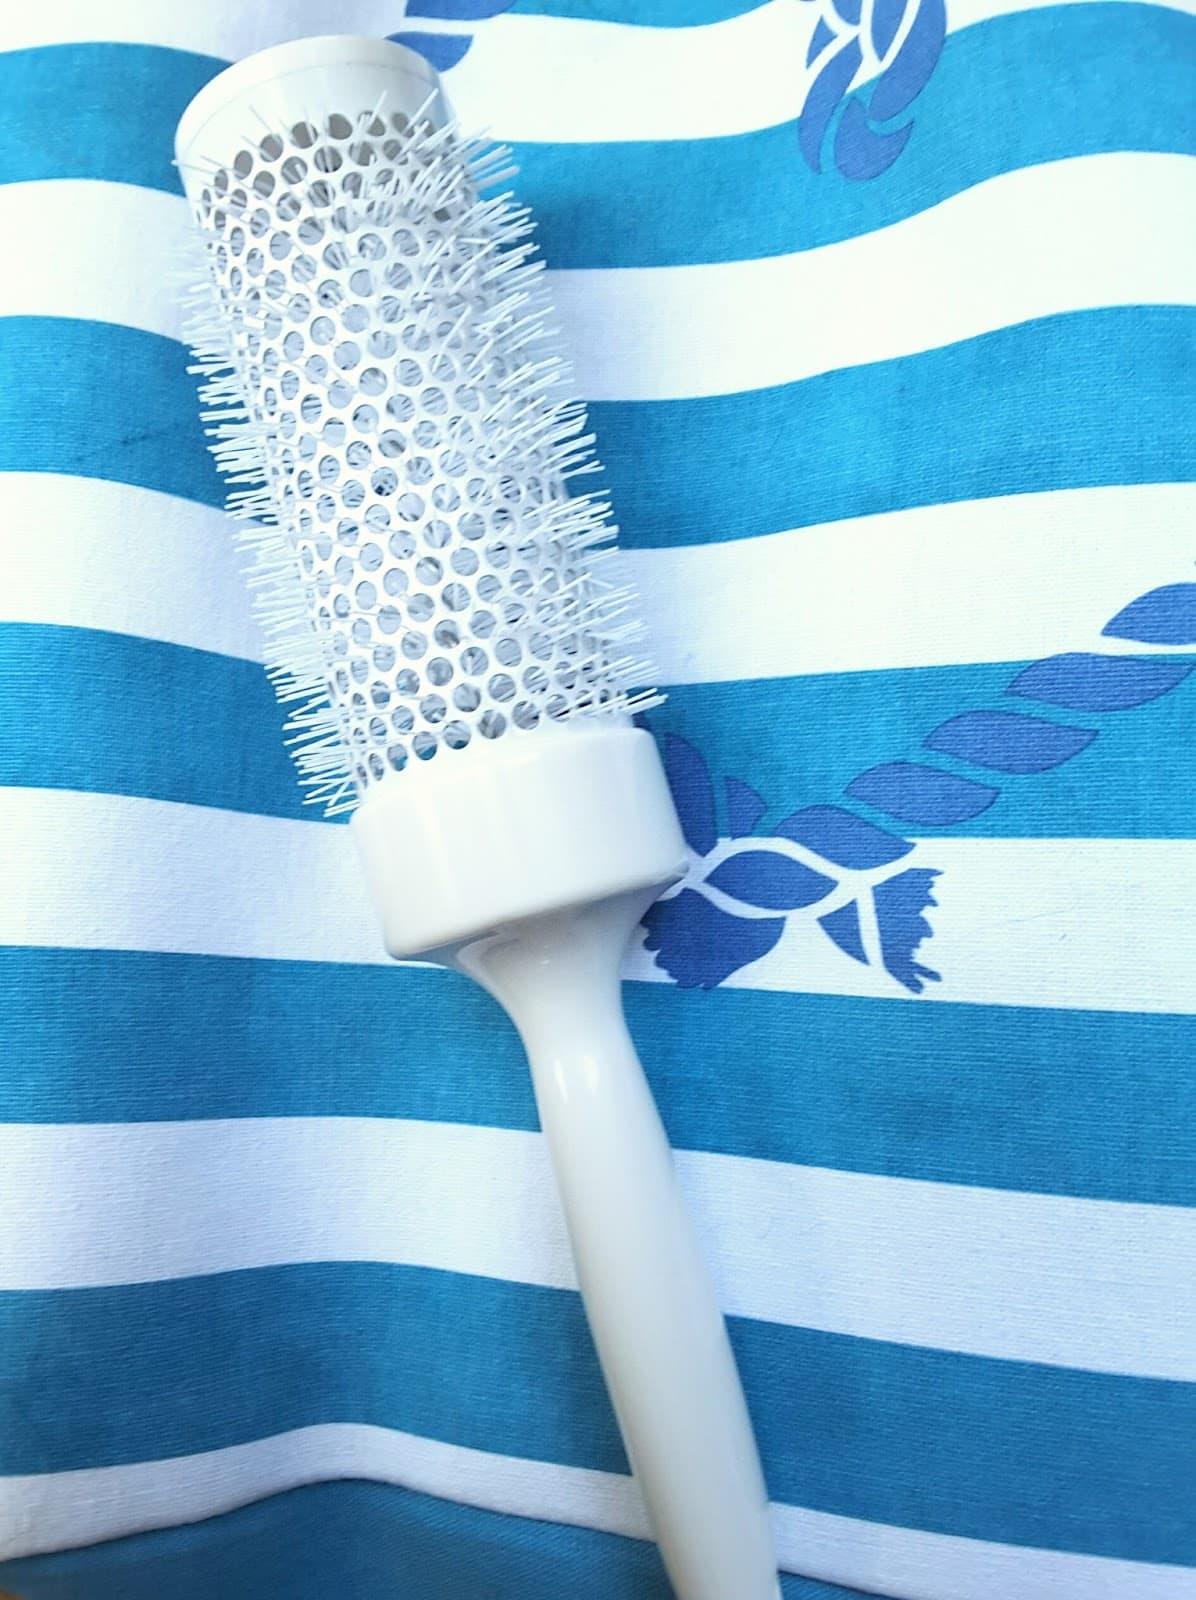 Il mio hairstyling con Jäneke e la spazzola termica!